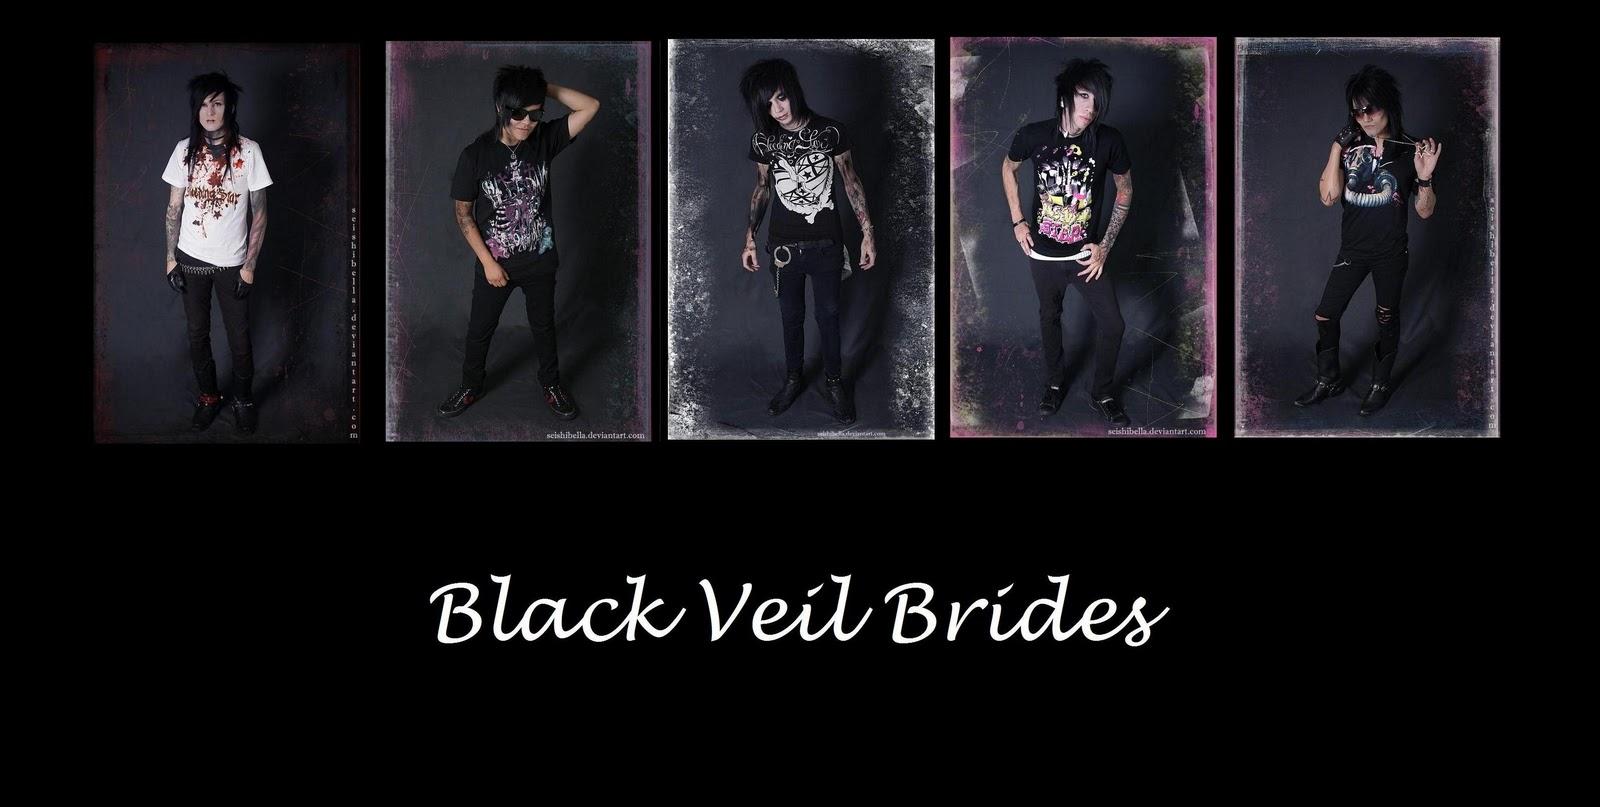 http://2.bp.blogspot.com/-53VhyquKOFQ/TnZNDlZabrI/AAAAAAAAAc0/RCMpxbumVZ8/s1600/Black_Veil_Brides_Wallpaper_by_Heni1.jpg